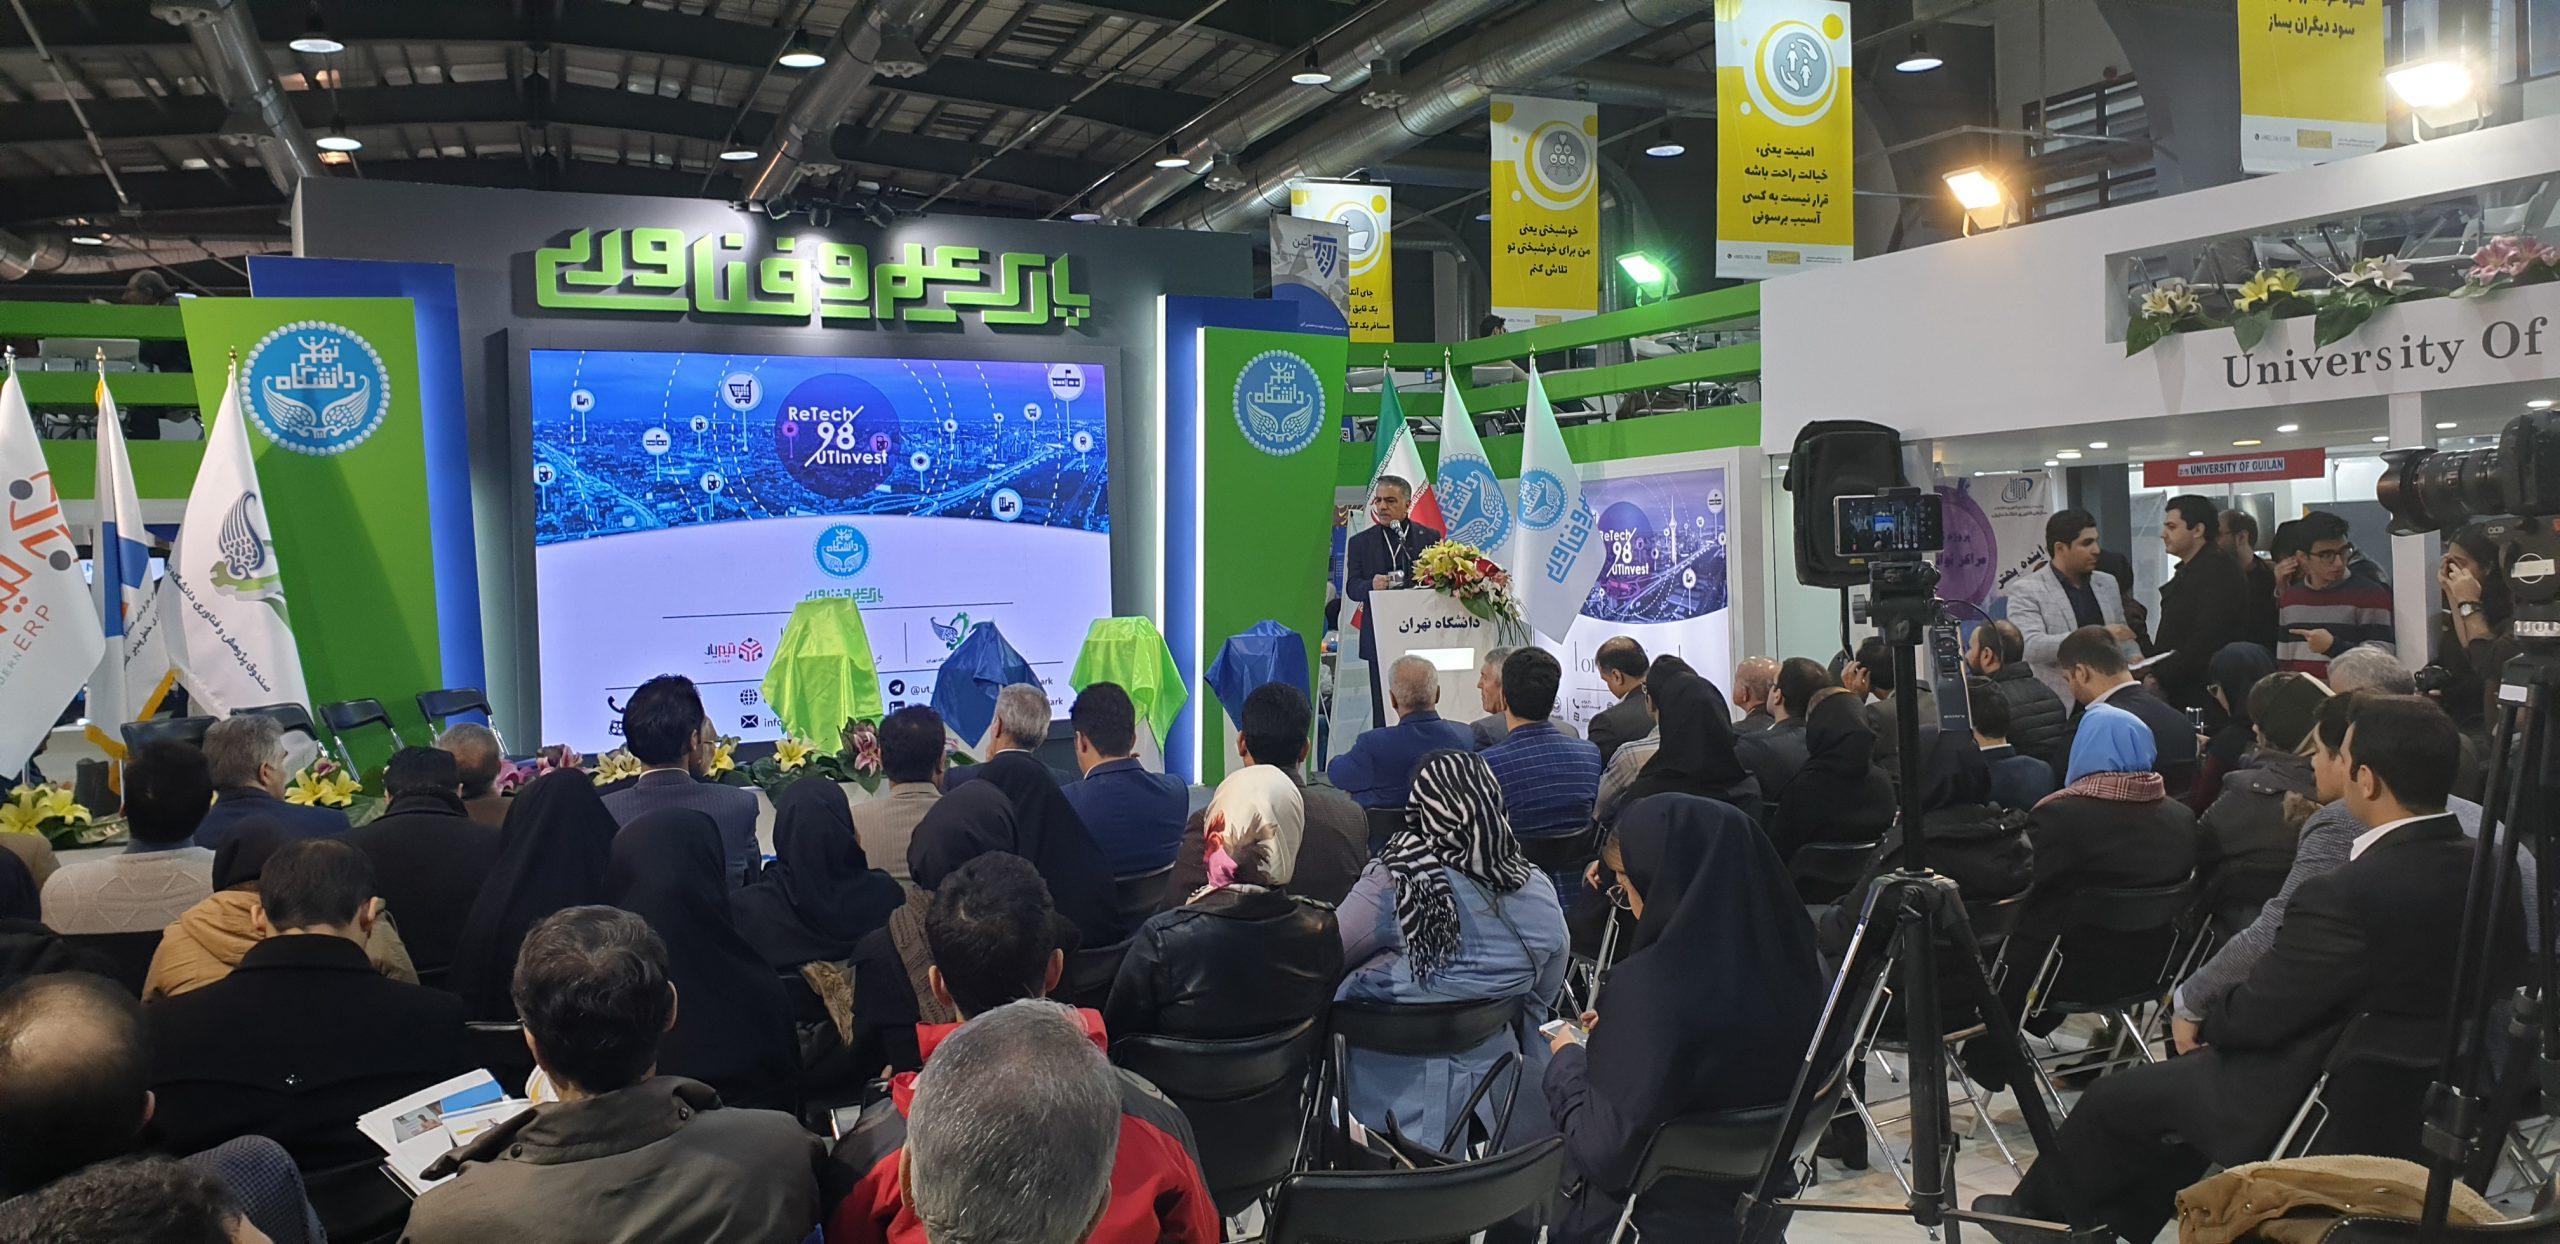 شرکت اصتال یکپارچه در نمایشگاه دستاوردهای پژوهش، فناوری و فن بازار